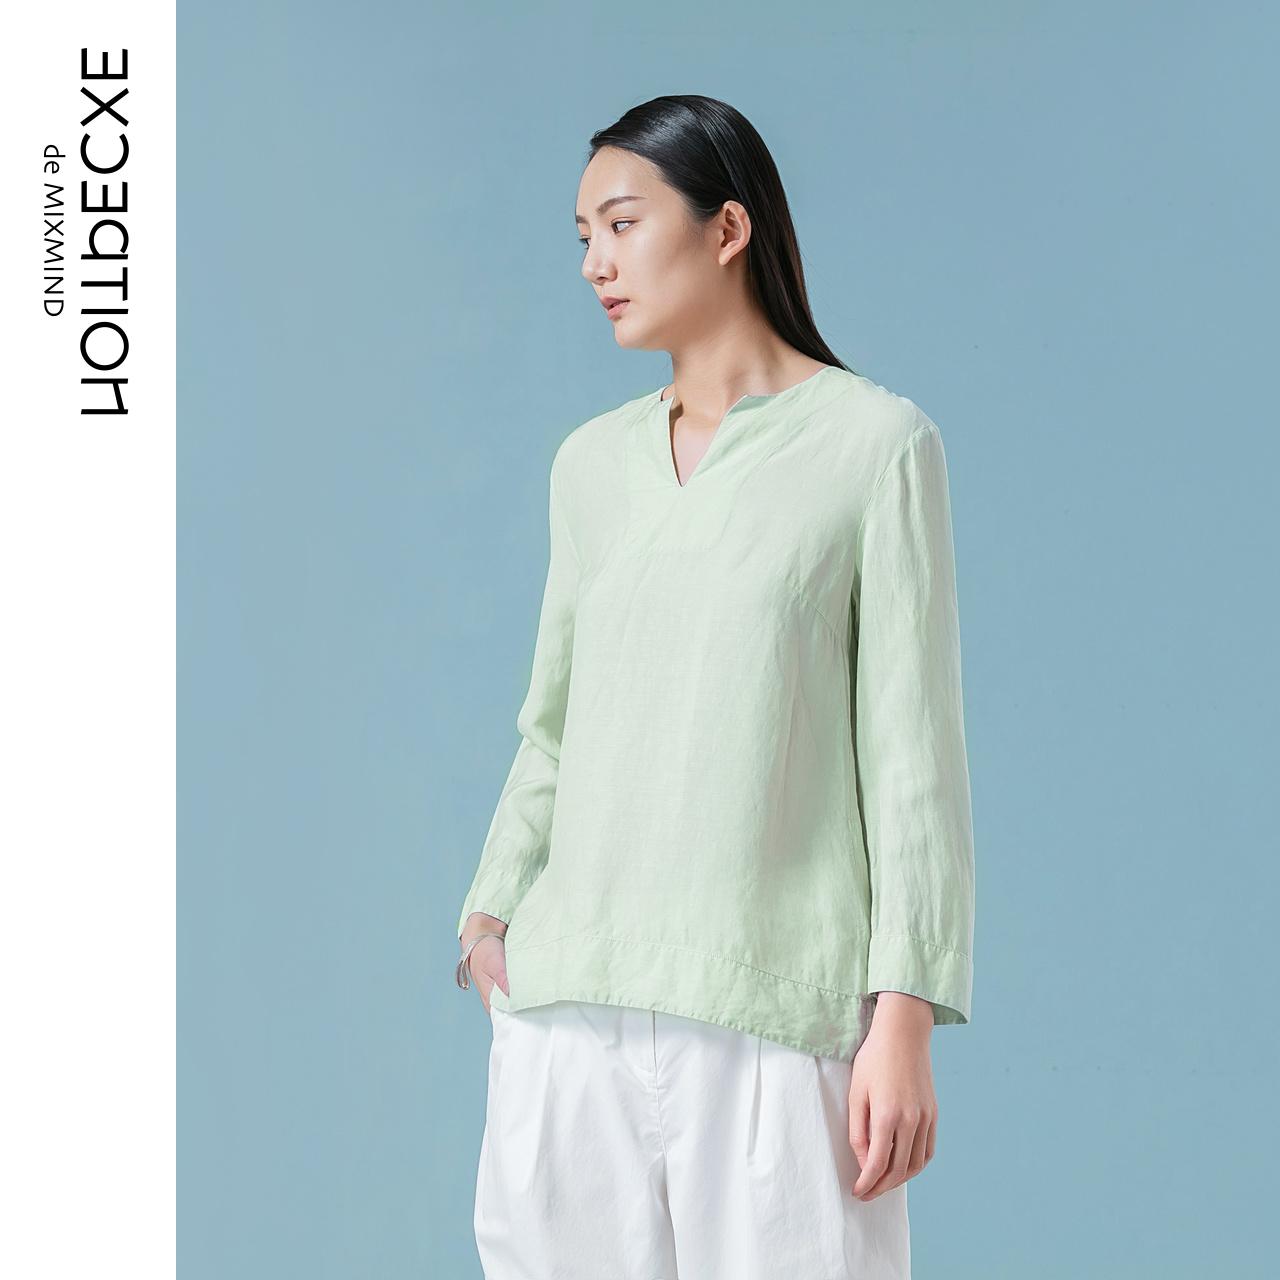 EXCEPTION例外 v领长袖套头衬衫女 文艺t恤衬宽松衣上衣女装夏季